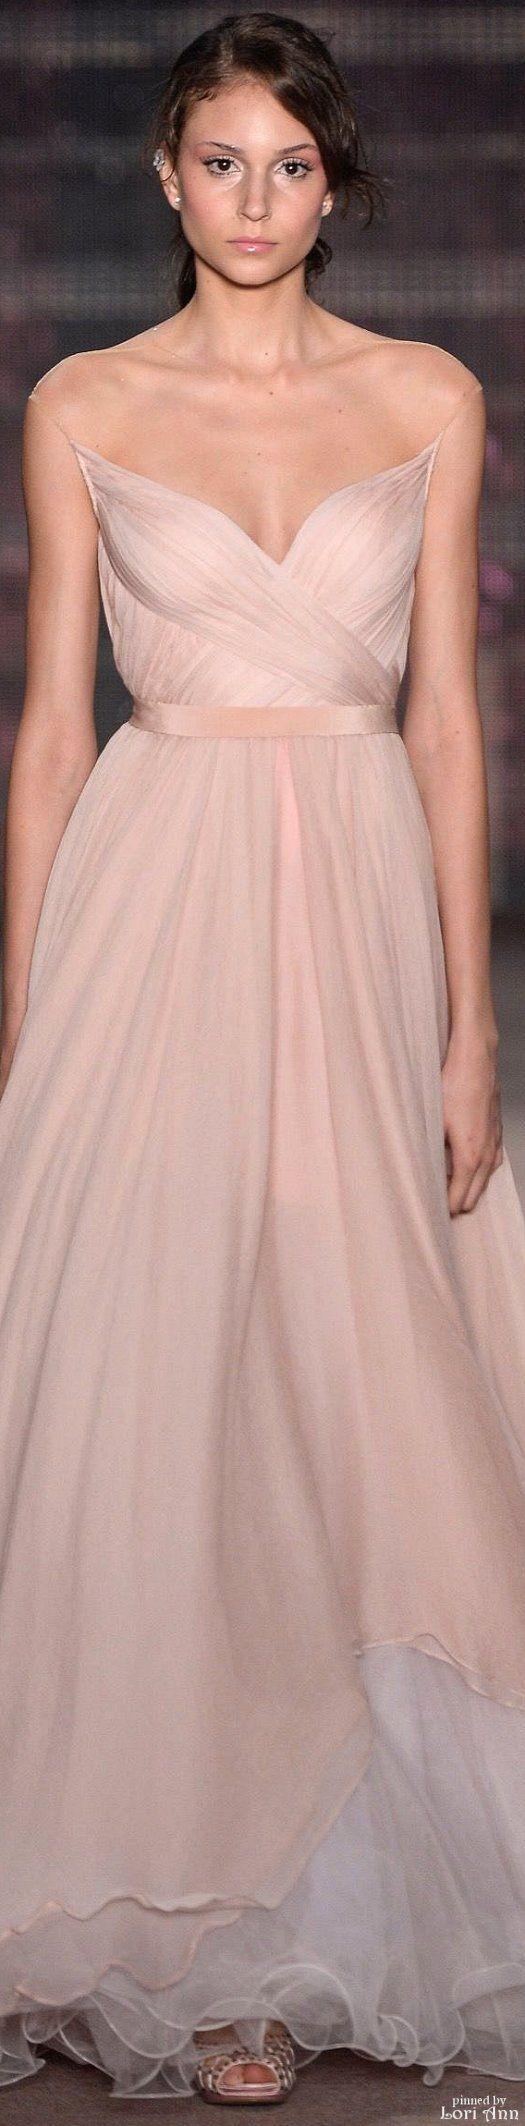 Nude and Blush Gowns | Vestiditos, Alta costura y Vestidos de fiesta